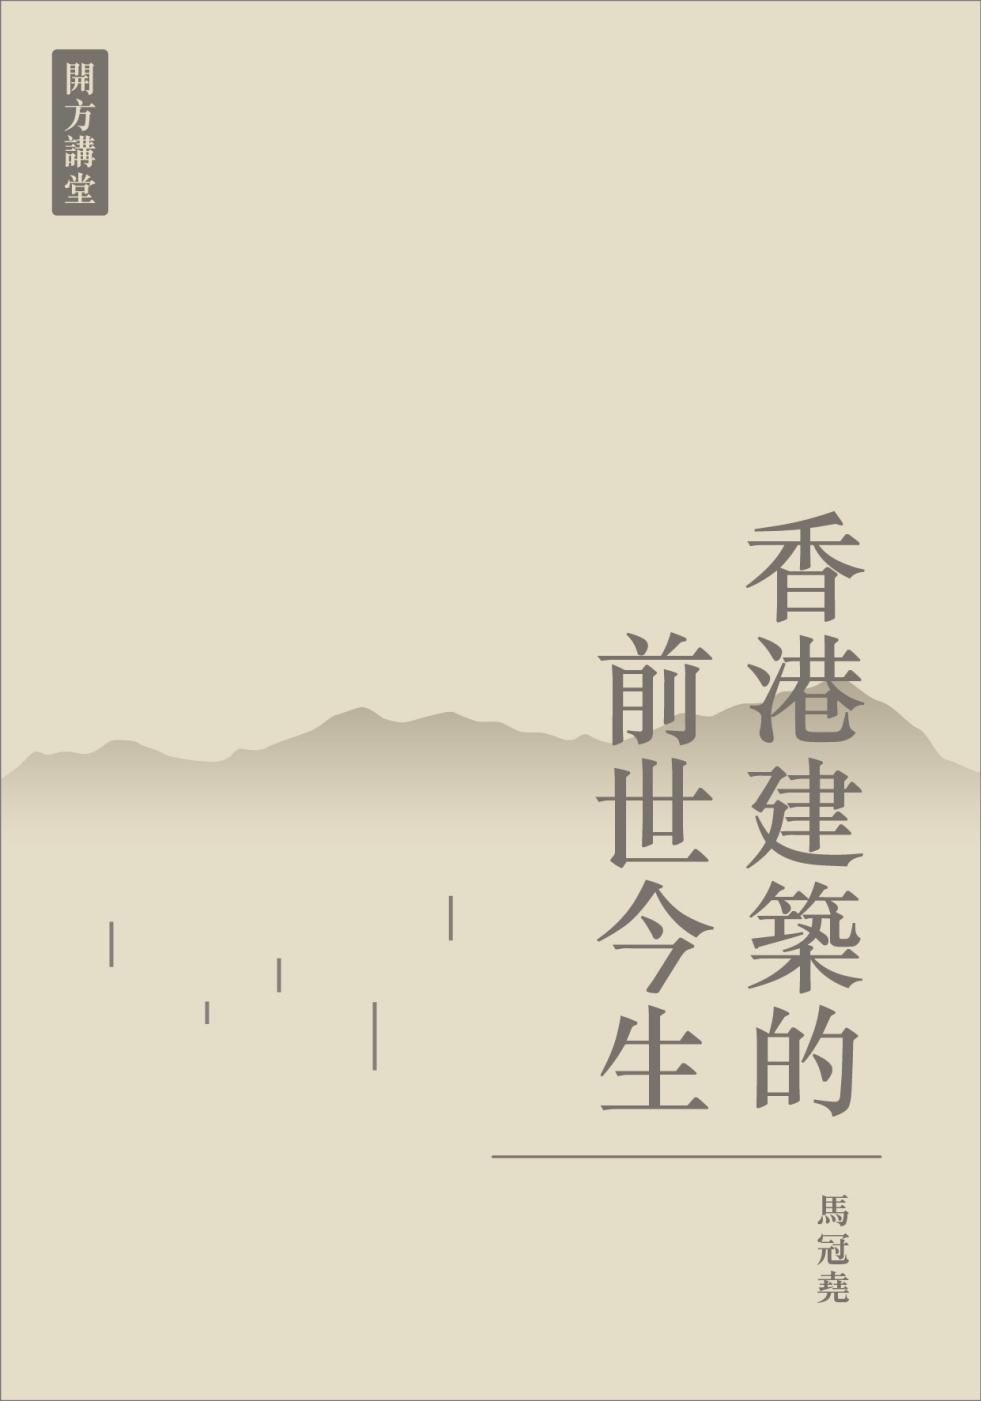 香港建築的前世今生